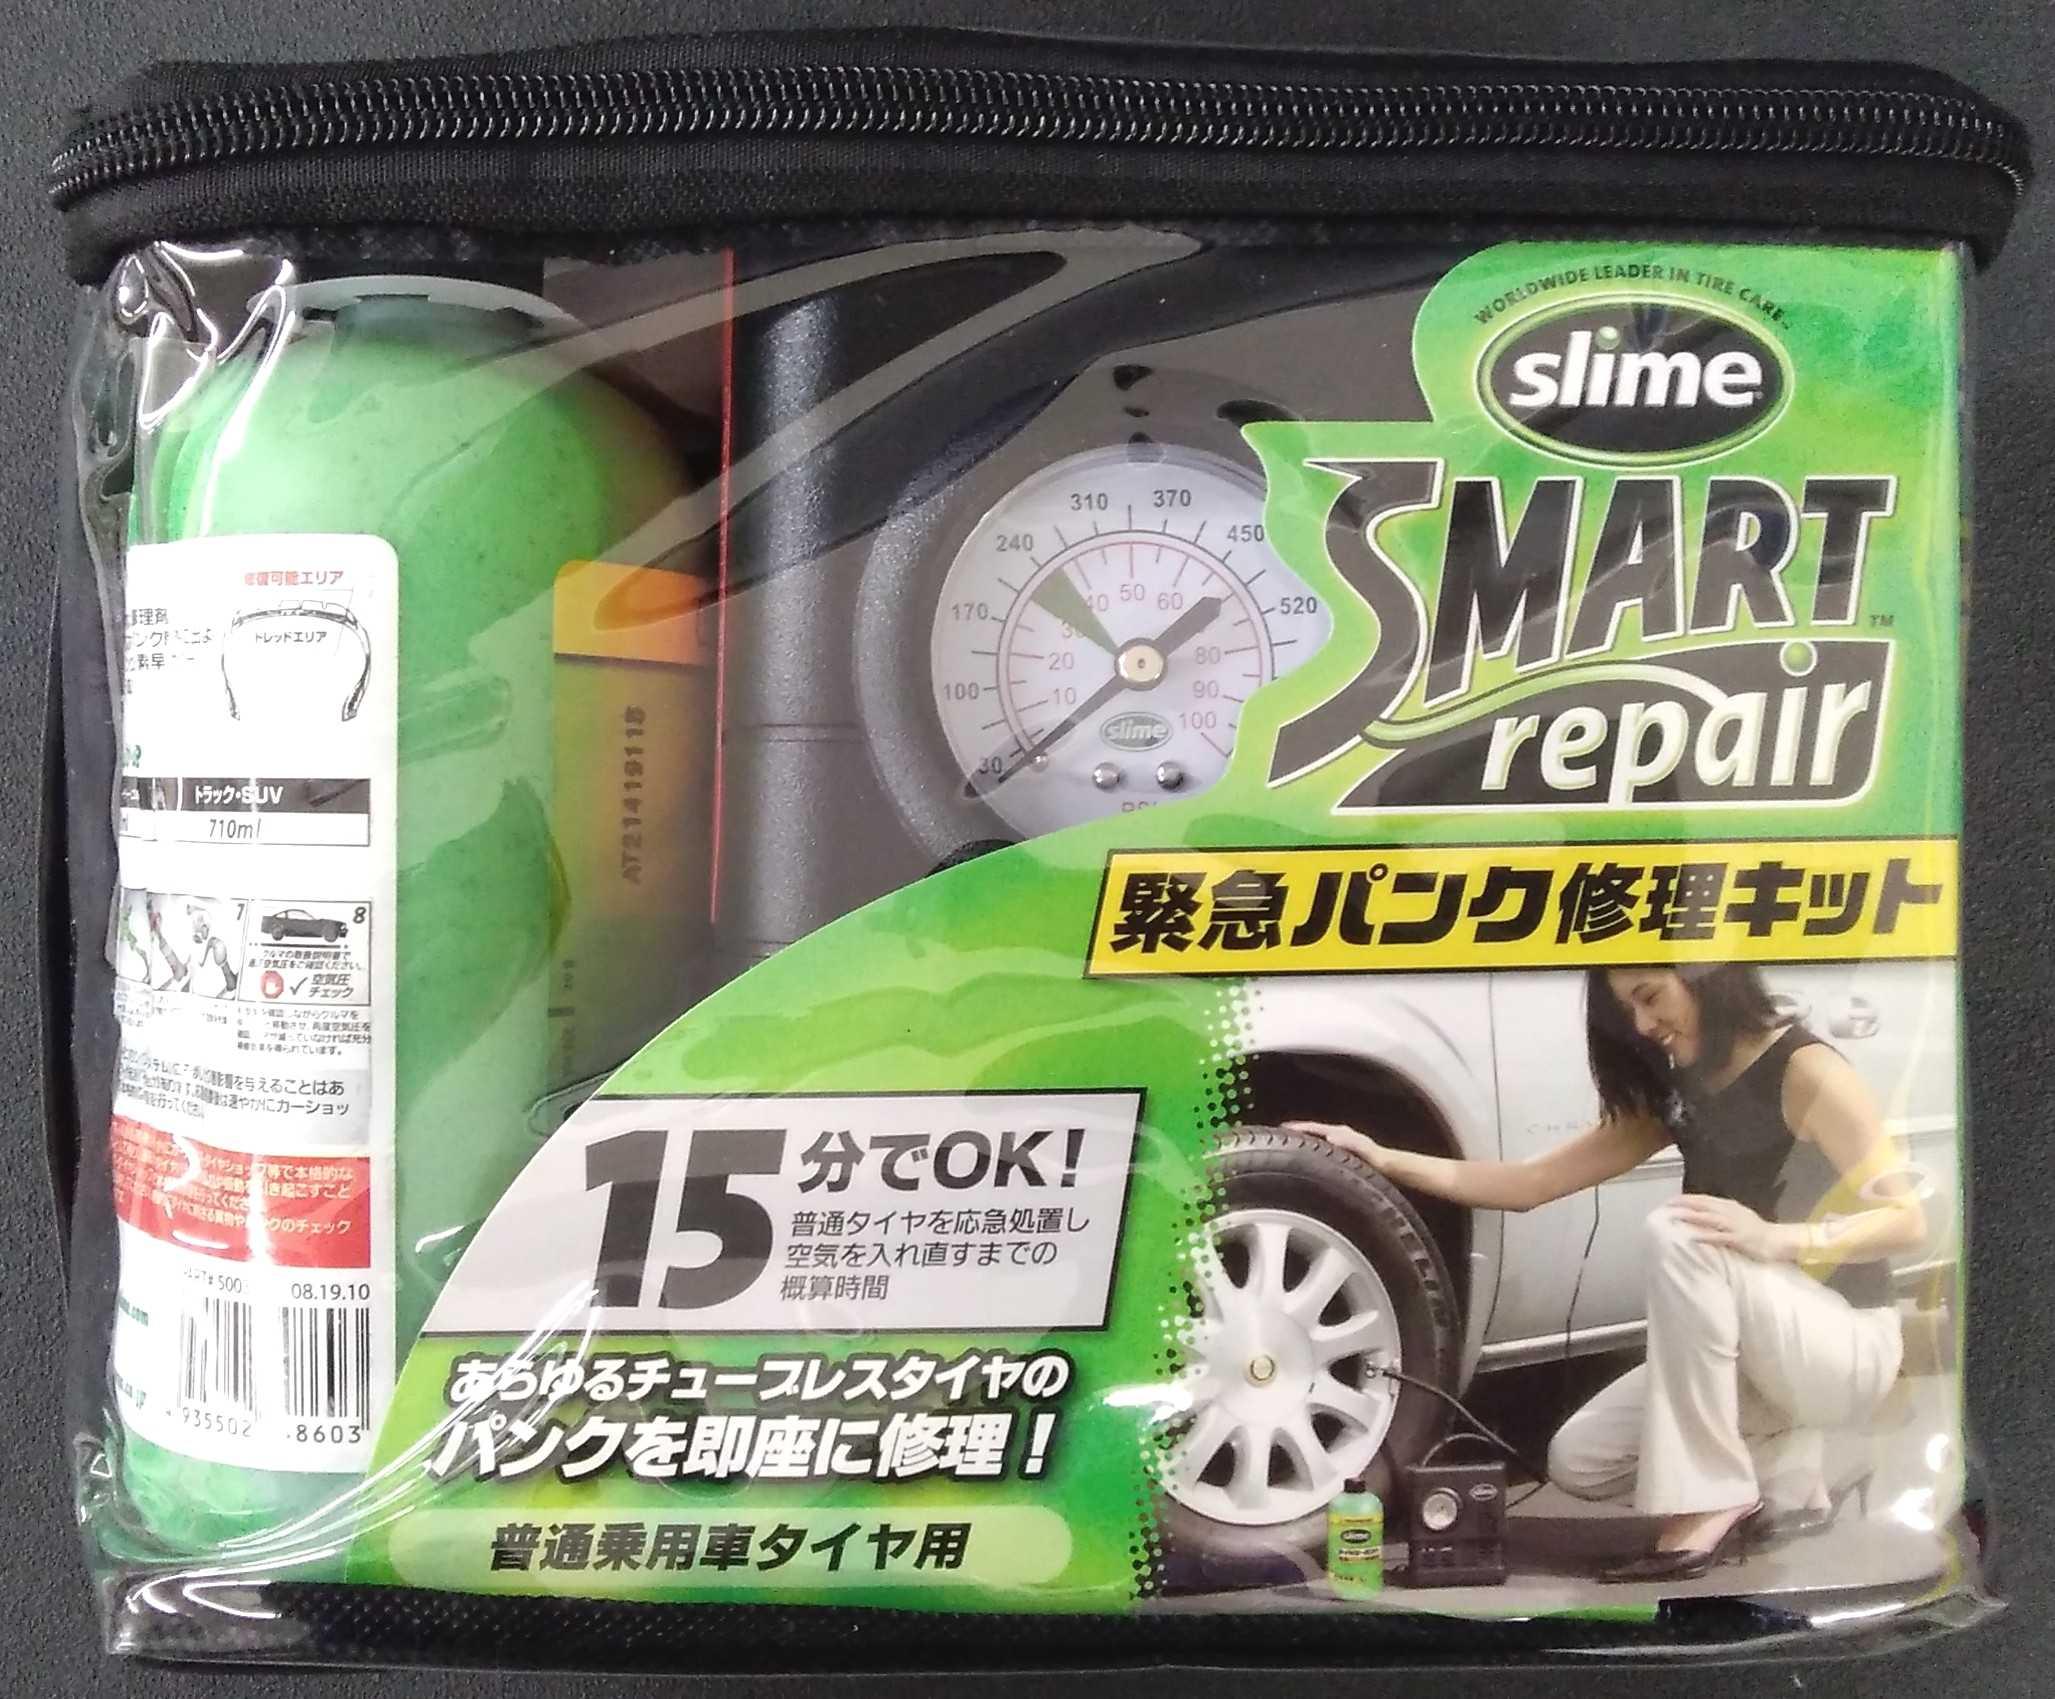 未使用!緊急パンク修理キット|SLIME